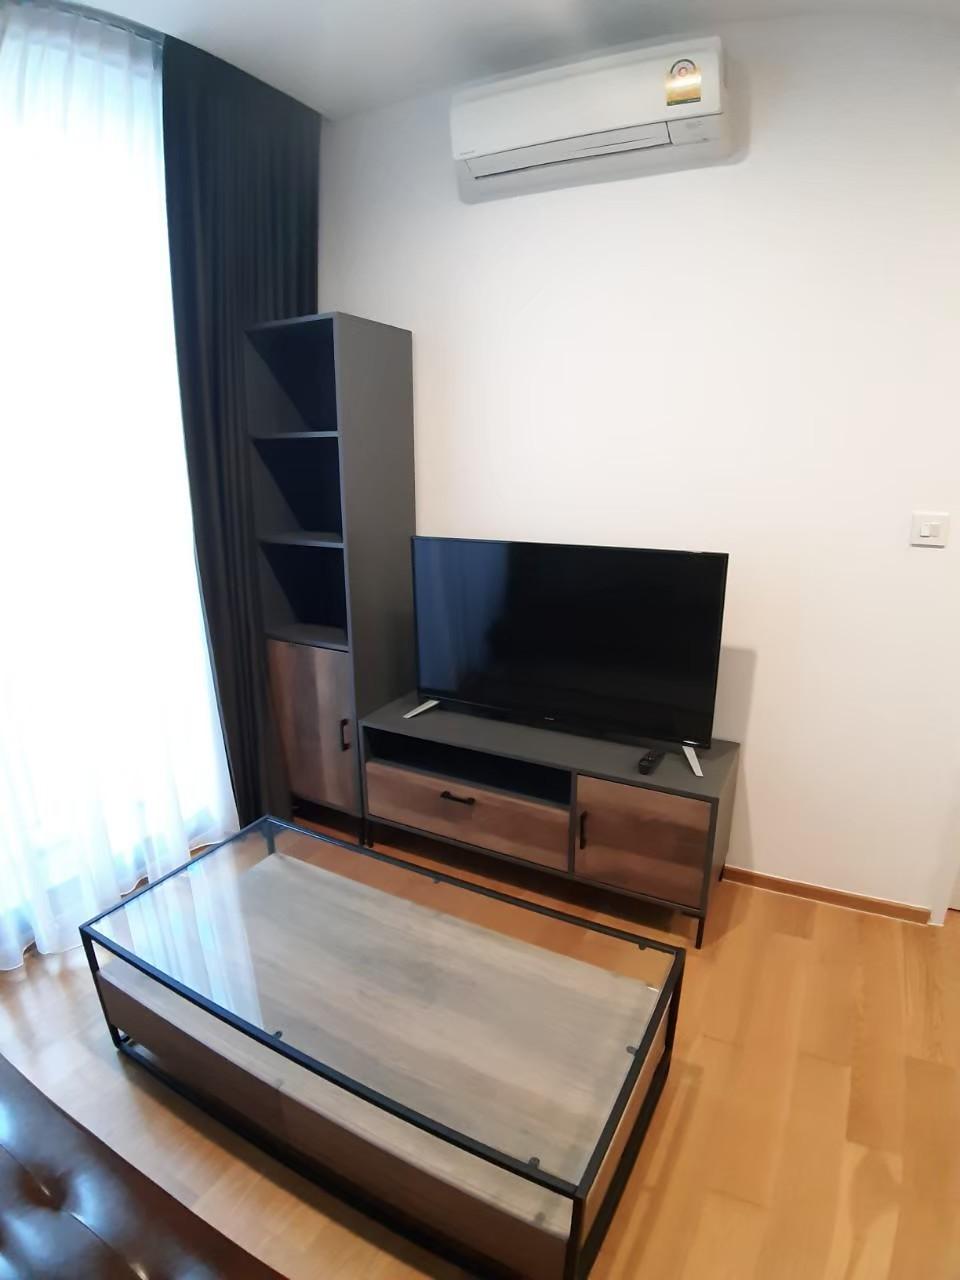 NOBLE REVO SILOM***Special Price 19,000***